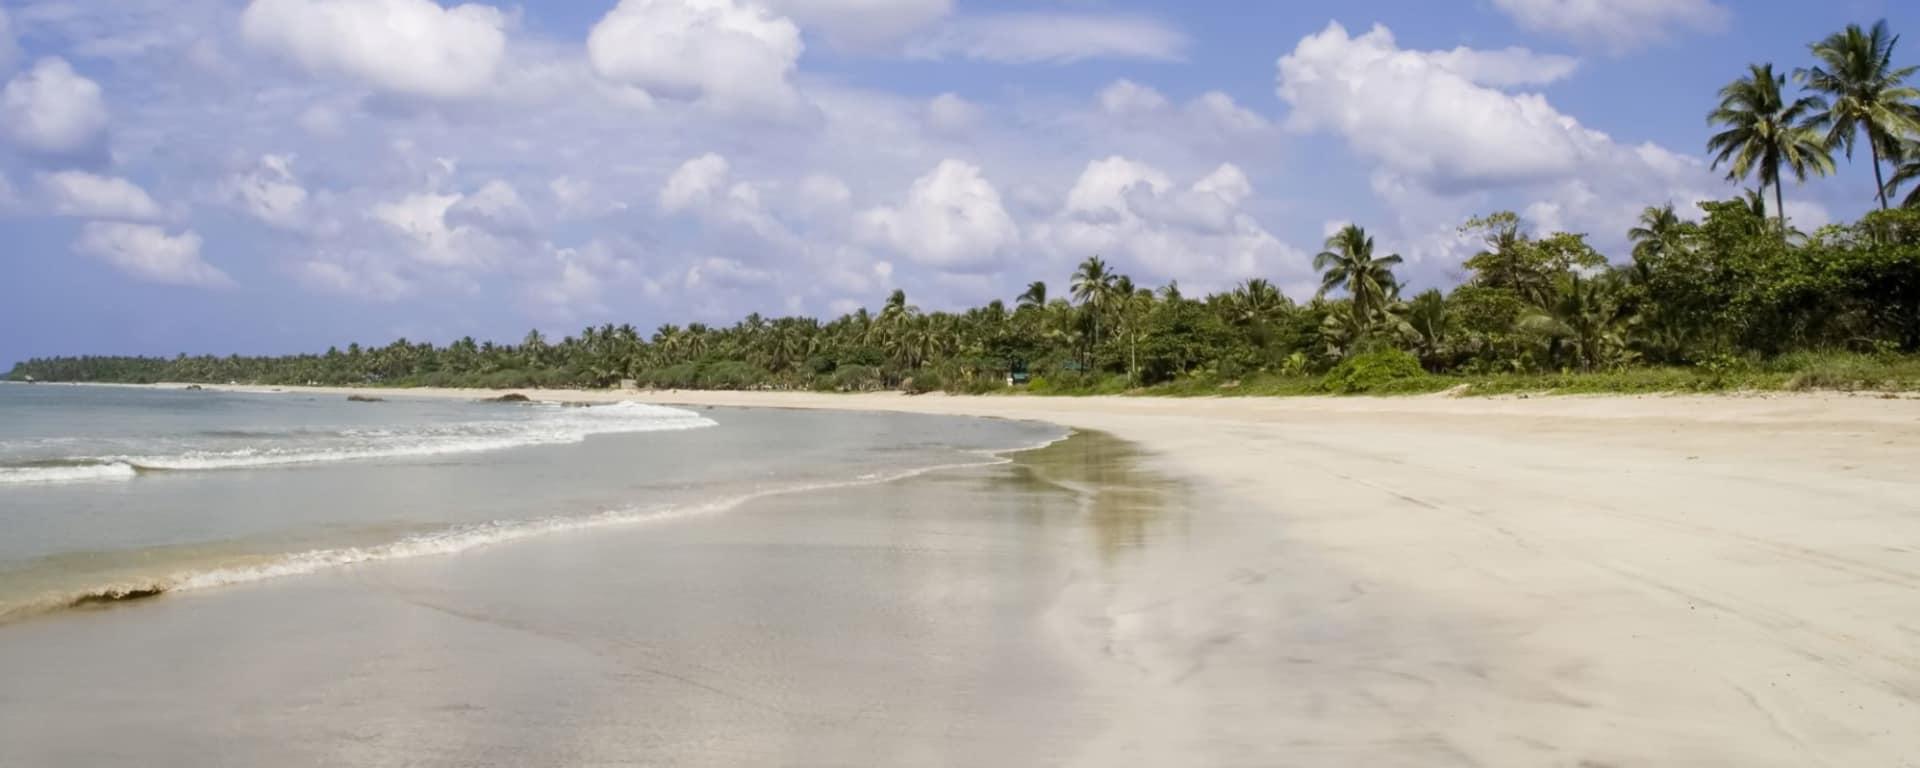 Wissenswertes zu Myanmar Reisen und Ferien: Ngwe Saung Beach